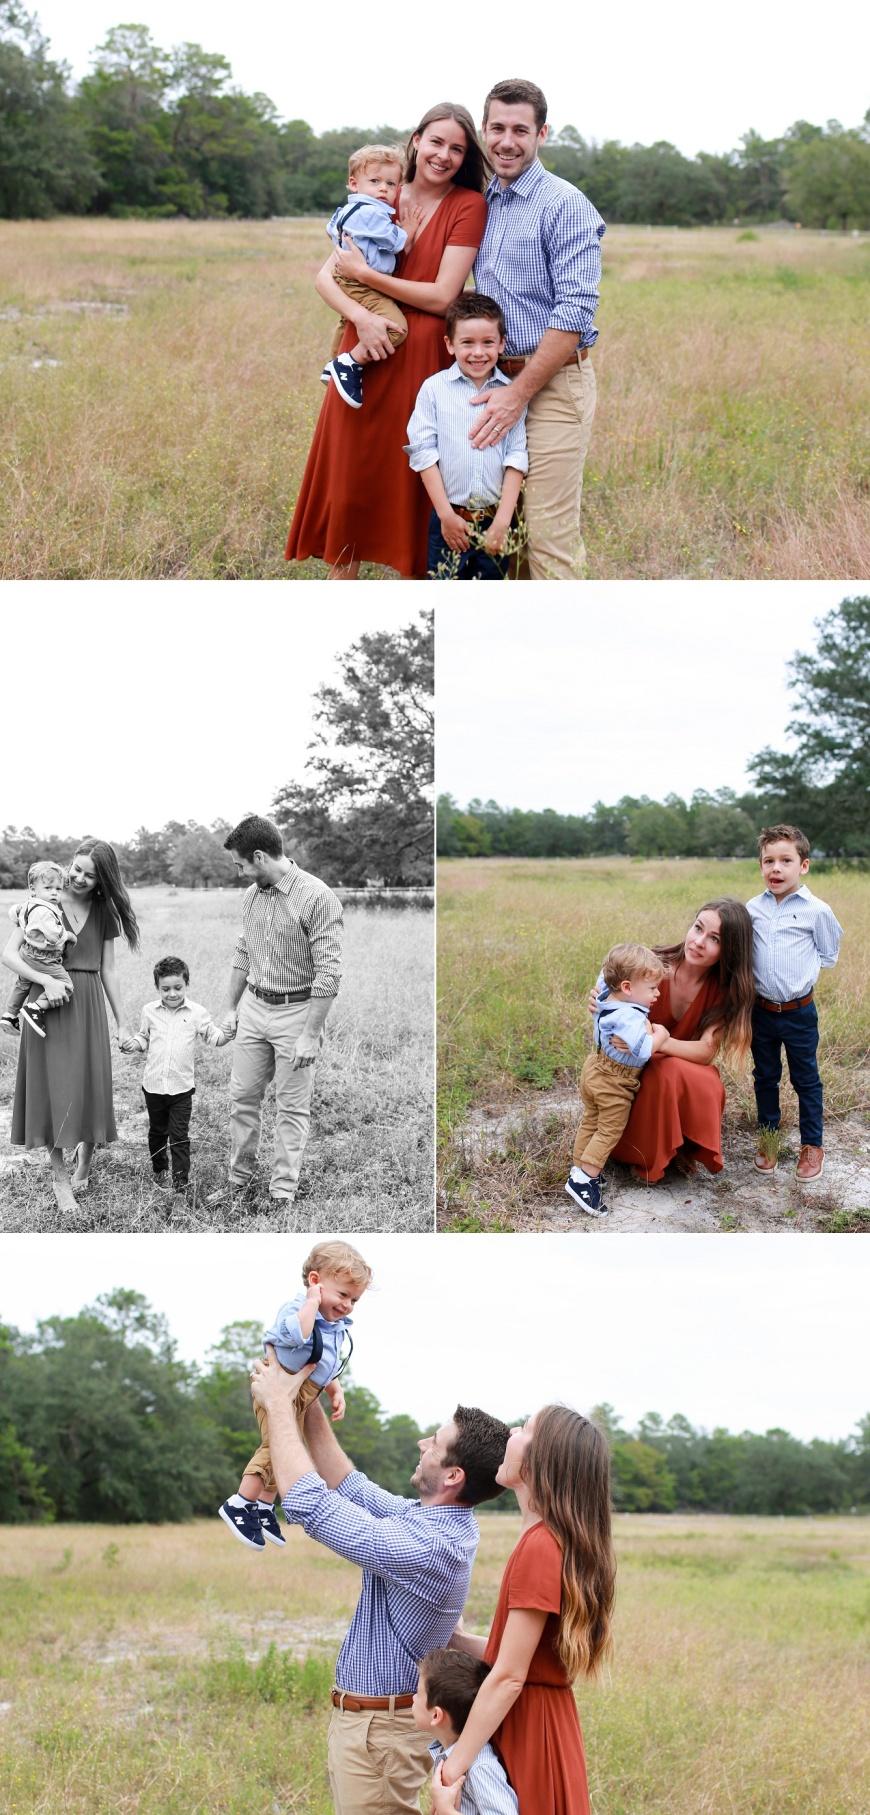 White-Point-Park-Niceville-Florida-Family-Photographer_1004.jpg